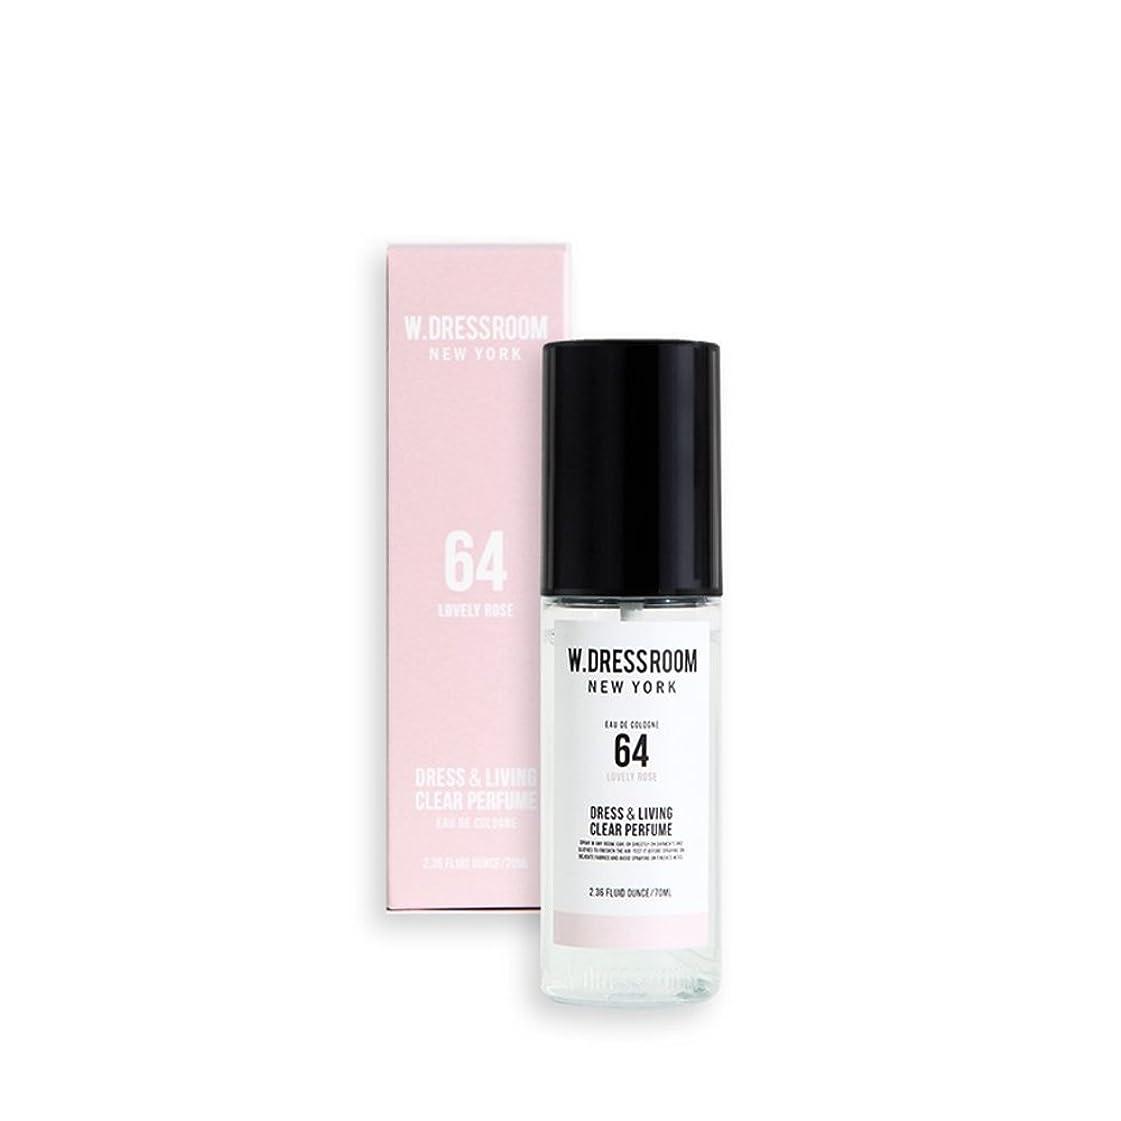 侵入するほのめかす装置W.DRESSROOM Dress & Living Clear Perfume fragrance 70ml (#No.64 Lovely Rose)/ダブルドレスルーム ドレス&リビング クリア パフューム 70ml (#No.64 Lovely Rose)